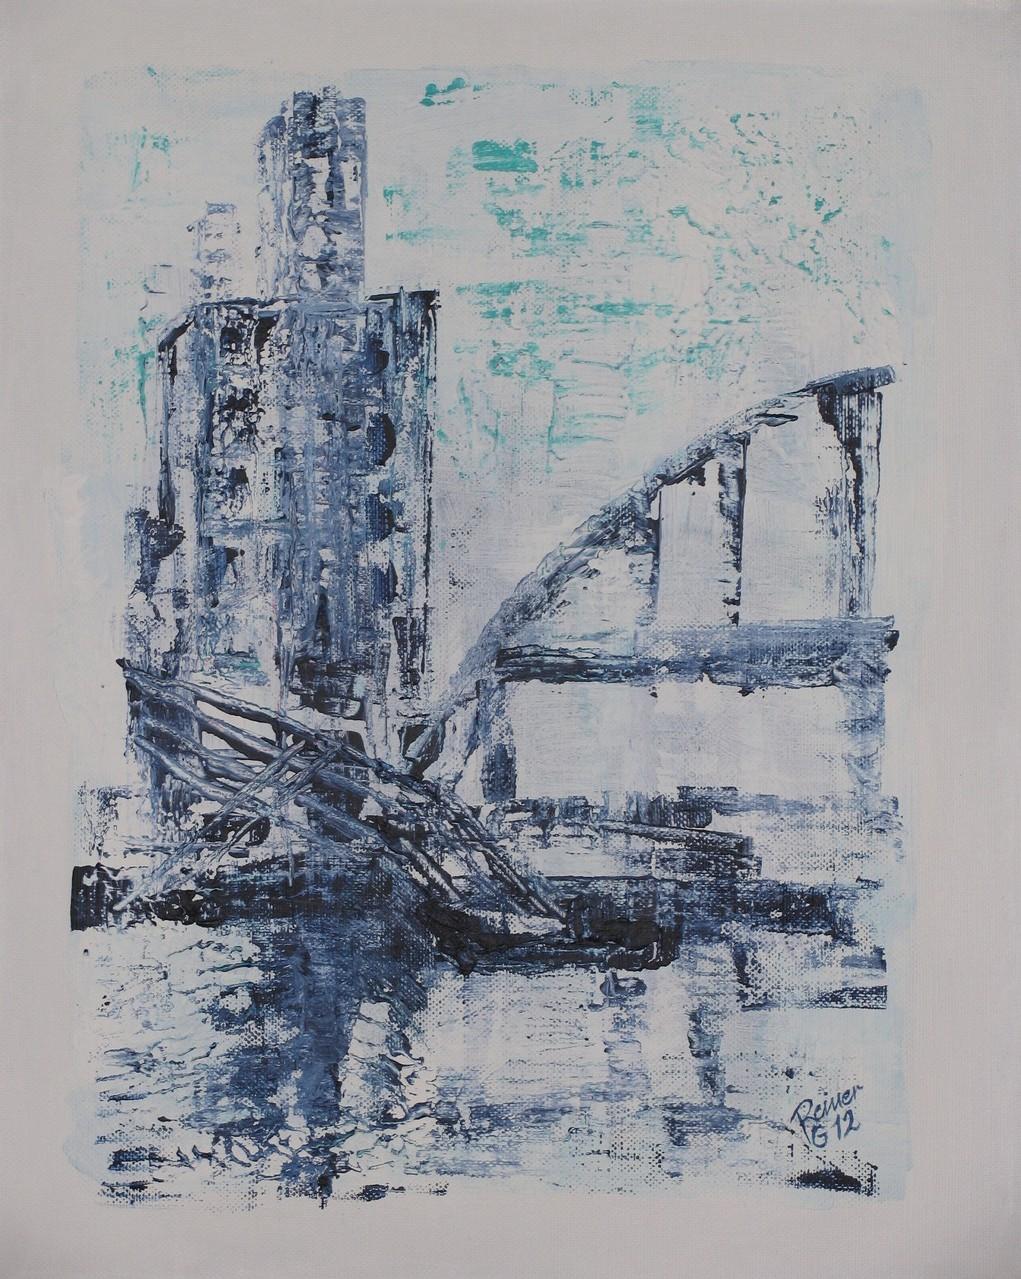 Am Hafen, Acryl auf Leinwand, 50 x 40 cm